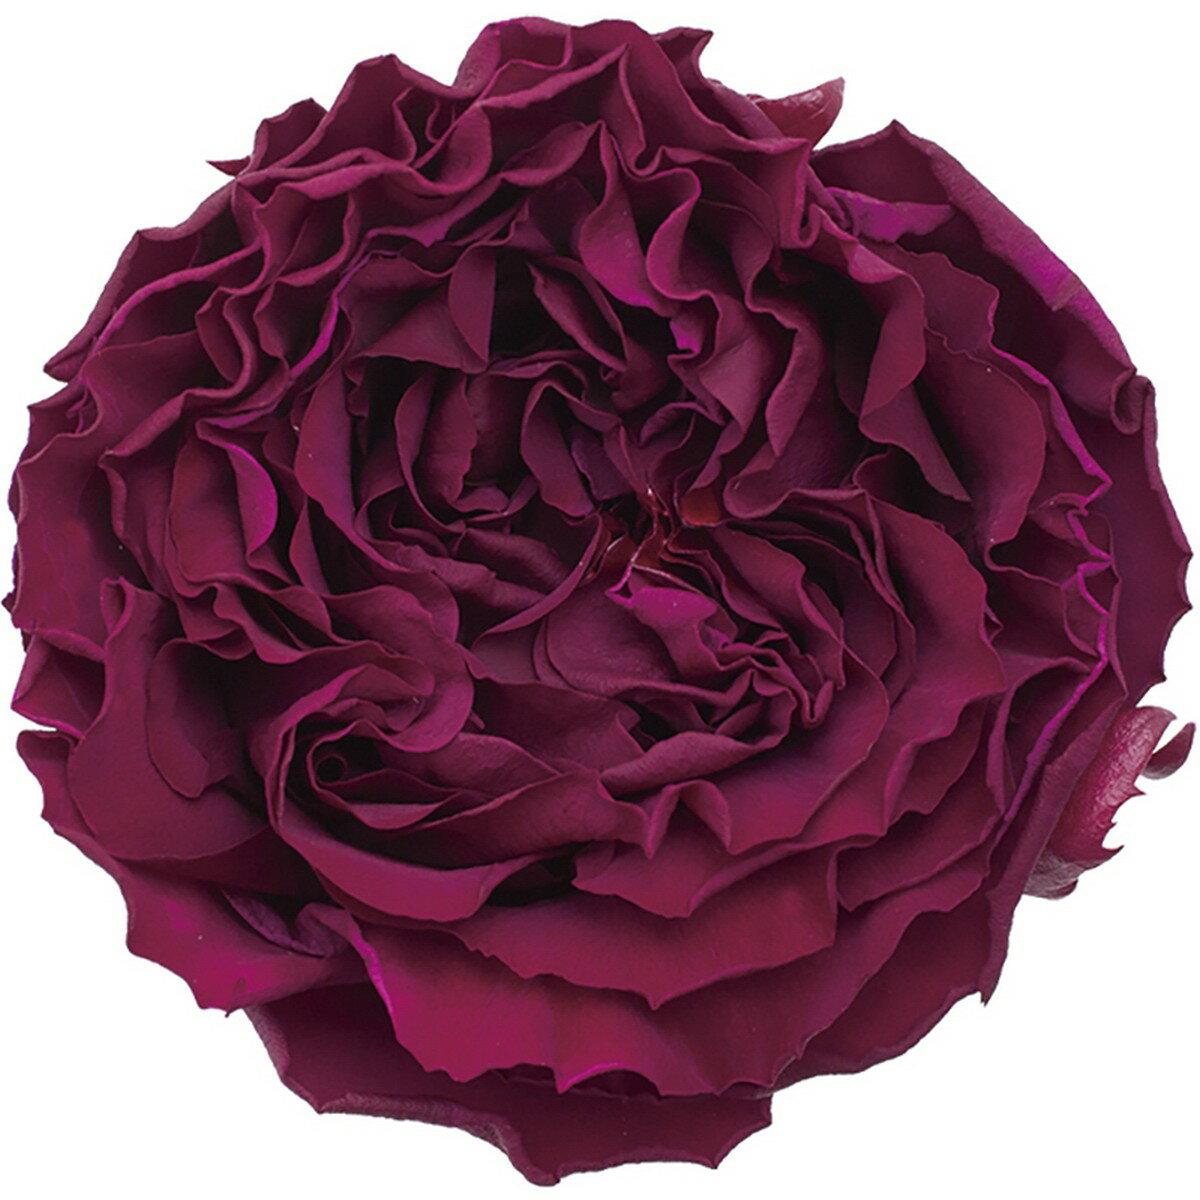 【プリザーブド】アモローサ/カルメン 3輪 リッチプラム/1114-52【01】【01】【取寄】《 プリザーブドフラワー プリザーブドフラワー花材 バラ(ローズ) 》